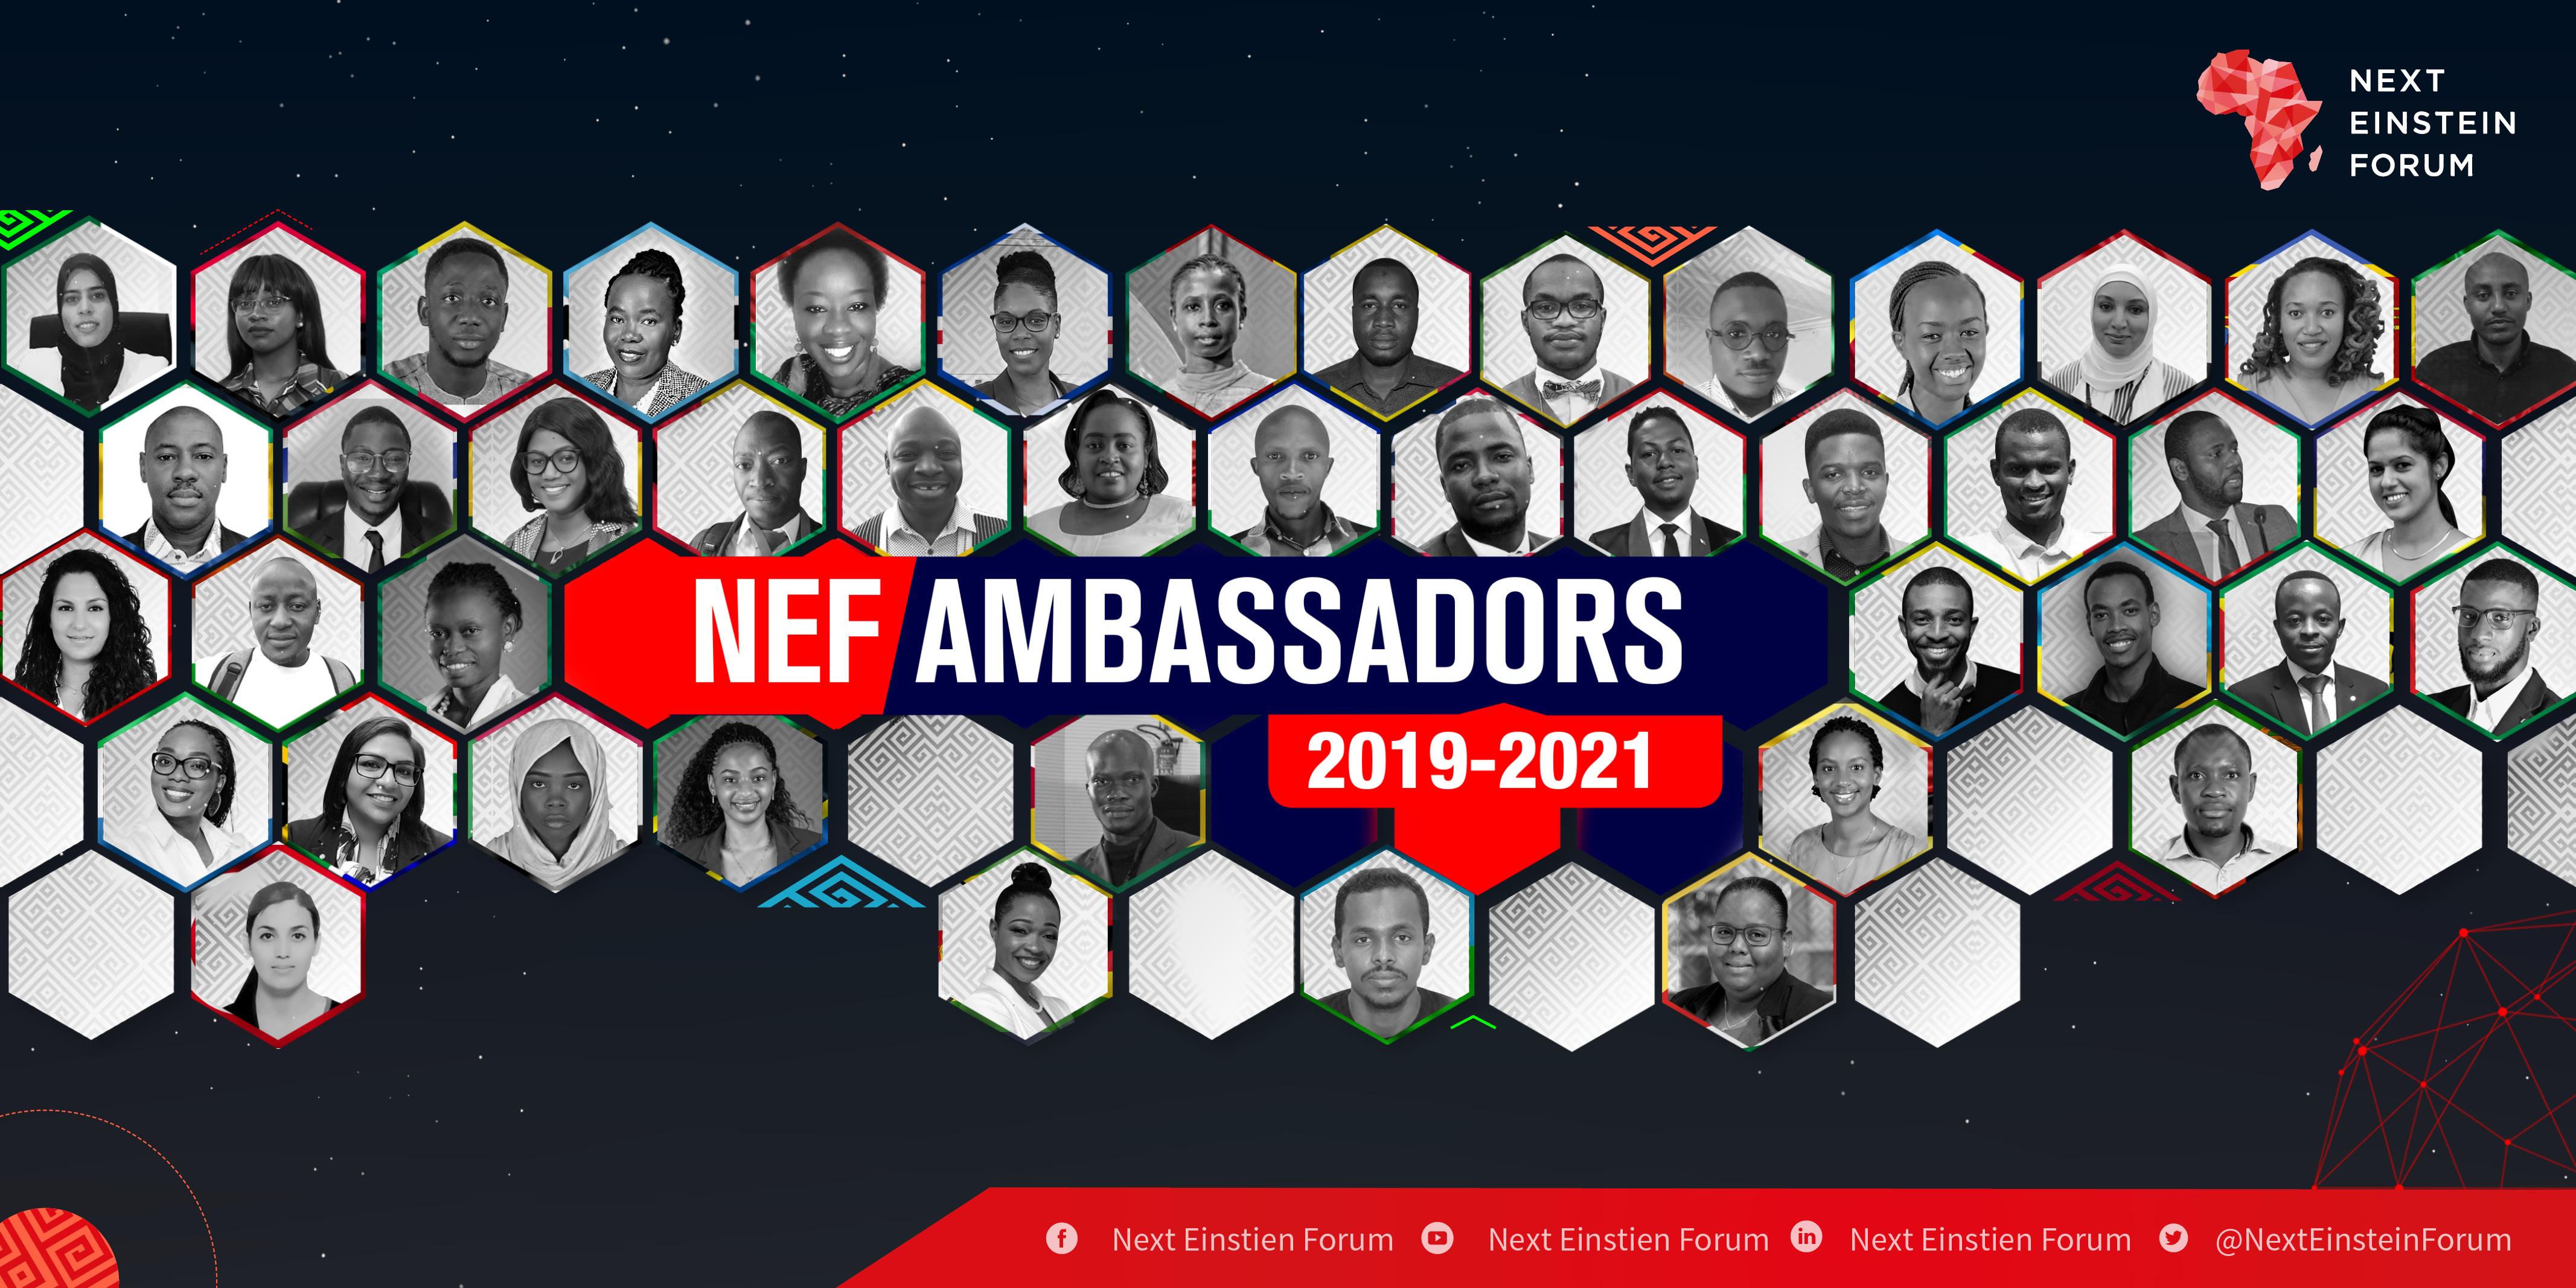 Les nouveaux ambassadeurs du NEF vont faire évoluer la façon dont la science et la technologie sont perçues en Afrique. © NEF